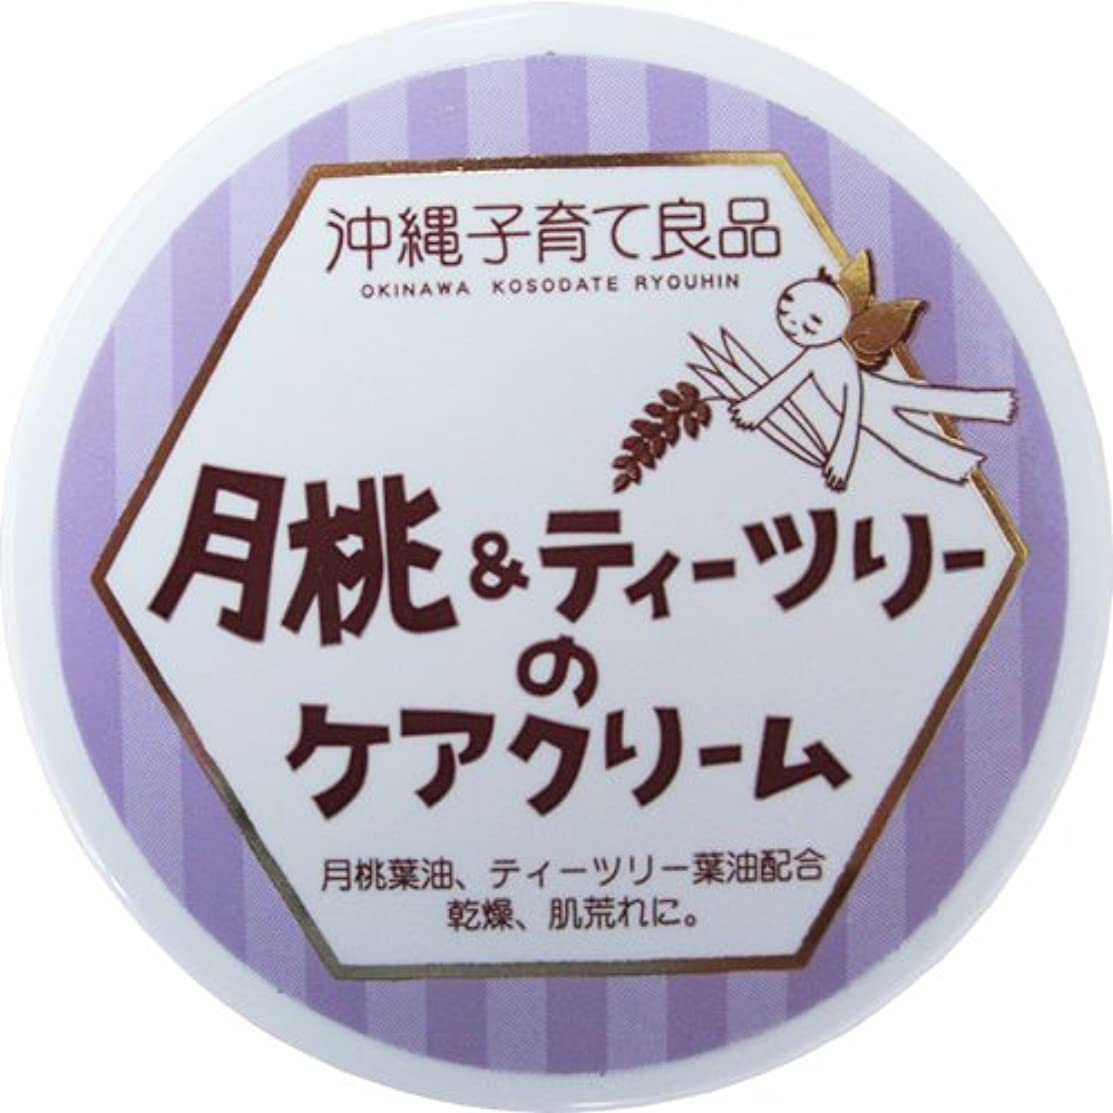 終わった親指明らかにする沖縄子育て良品 月桃&ティツリーのケアクリーム (25g)